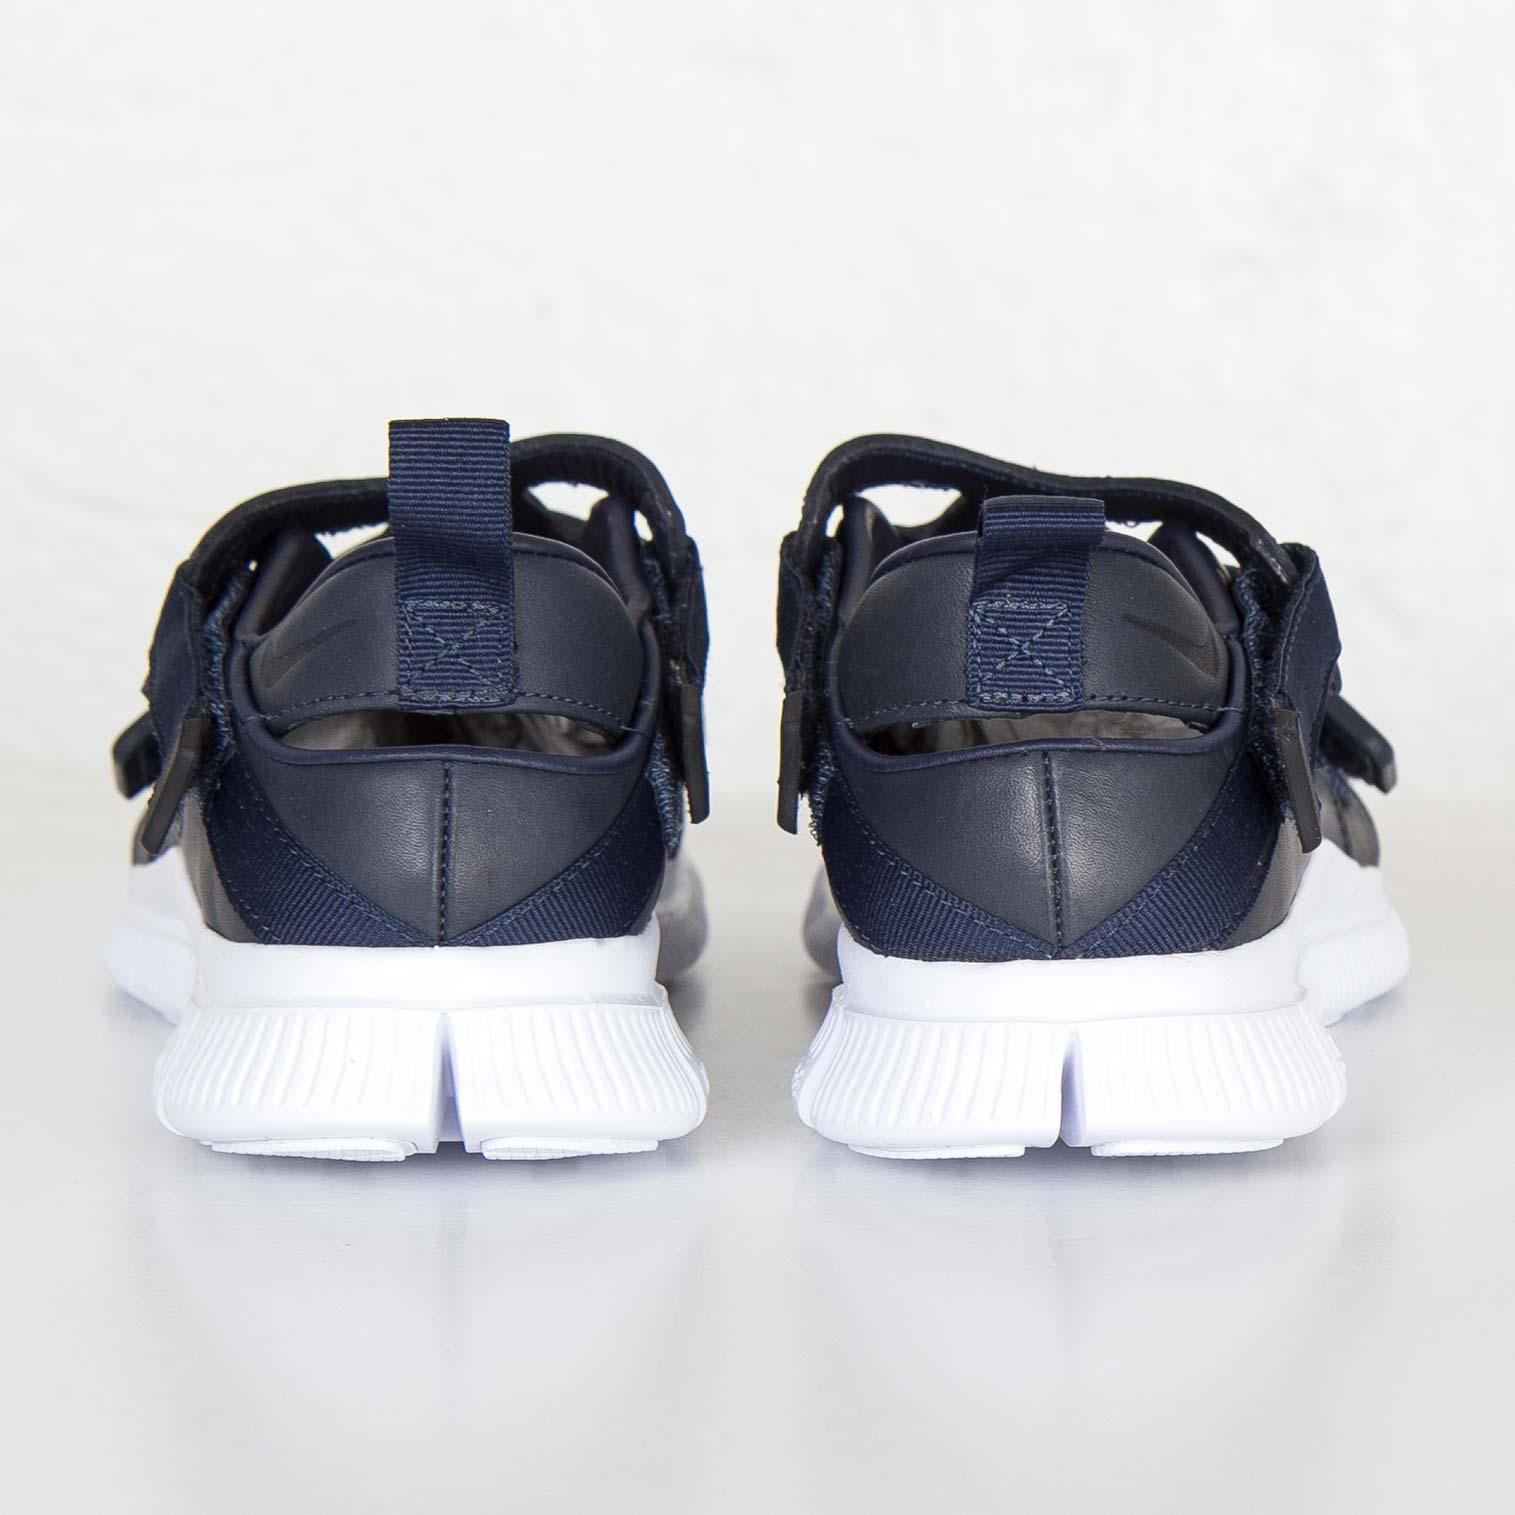 da07a13f8281 Nike Free Huarache Carnivore SP - 801759-413 - Sneakersnstuff ...